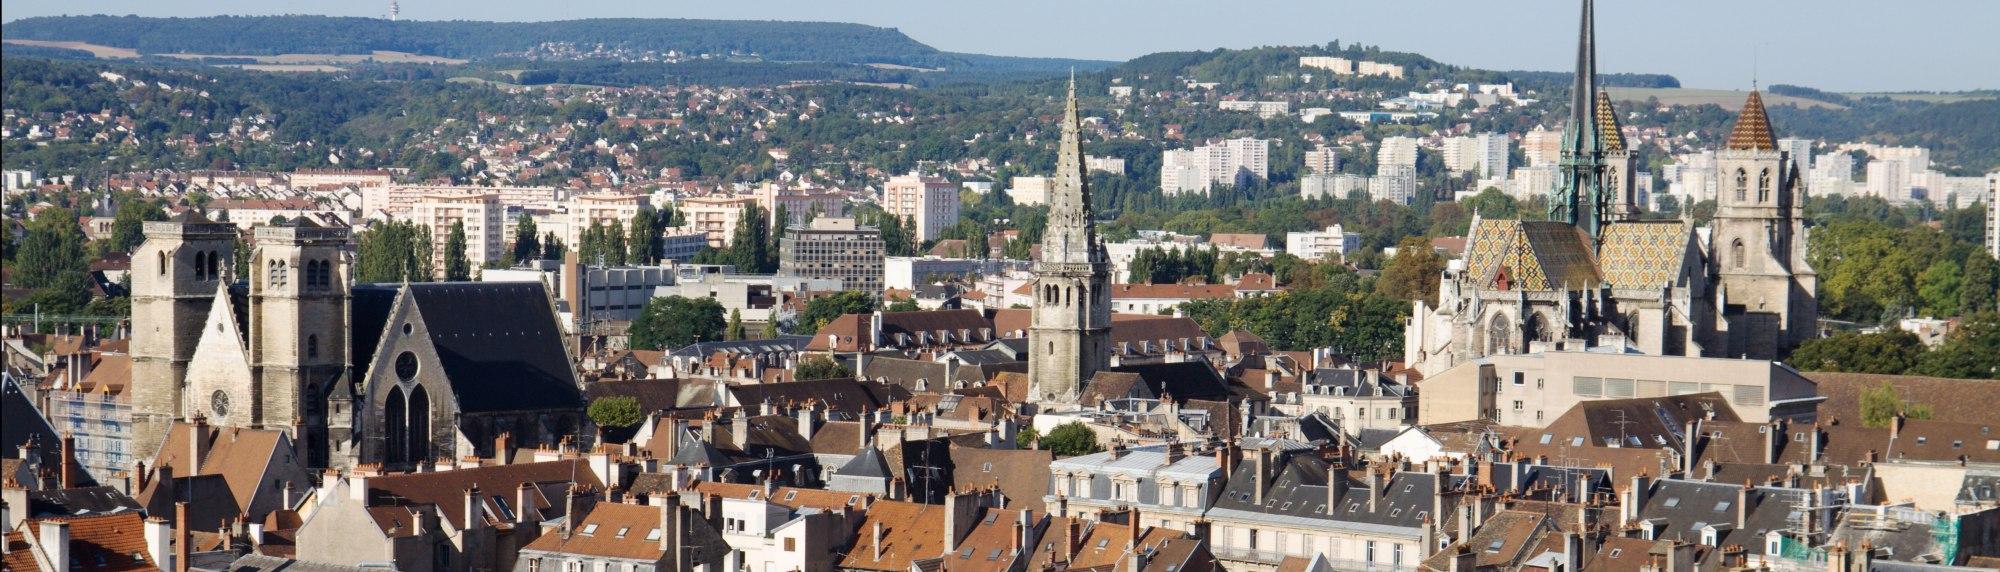 Visuel de Dijon